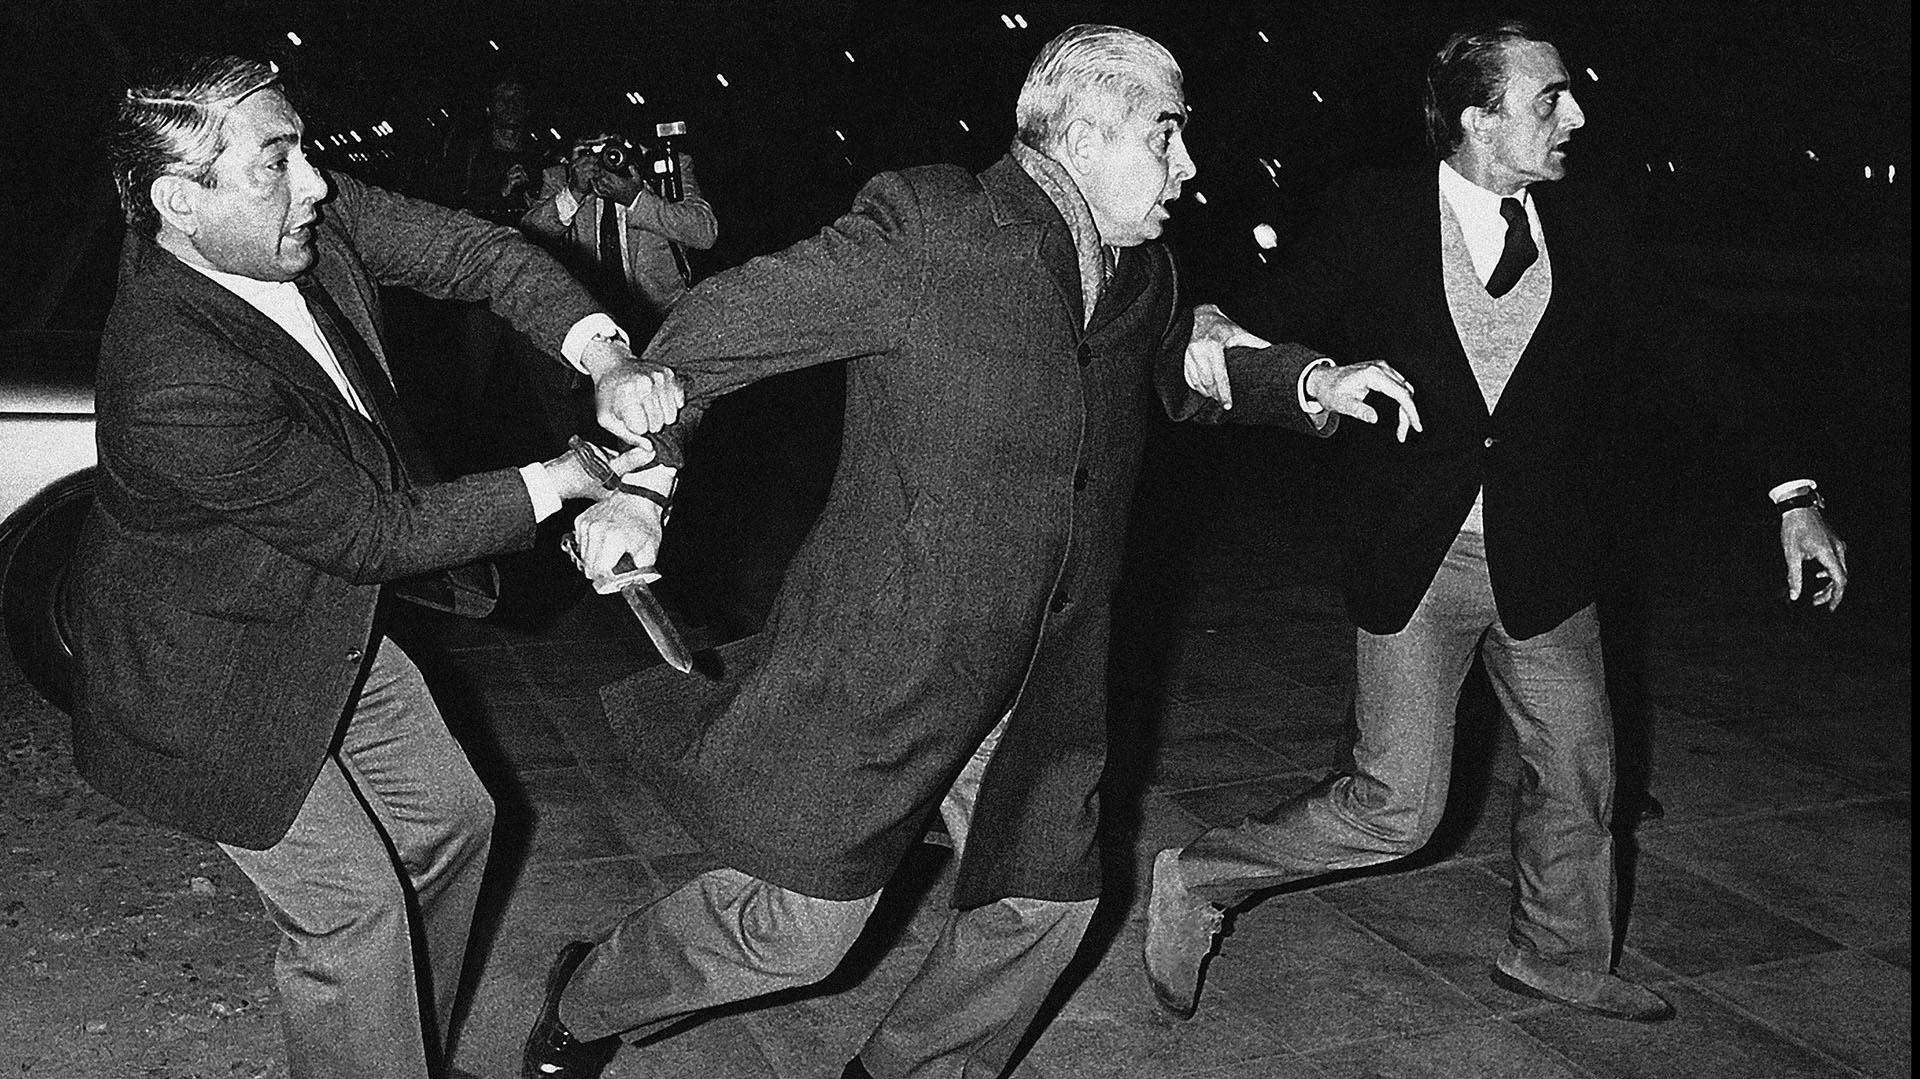 El momento en que Menéndez se baja del auto con un cuchillo y es frenado por su hijo y un custodio (Enrique Rosito/Argra)